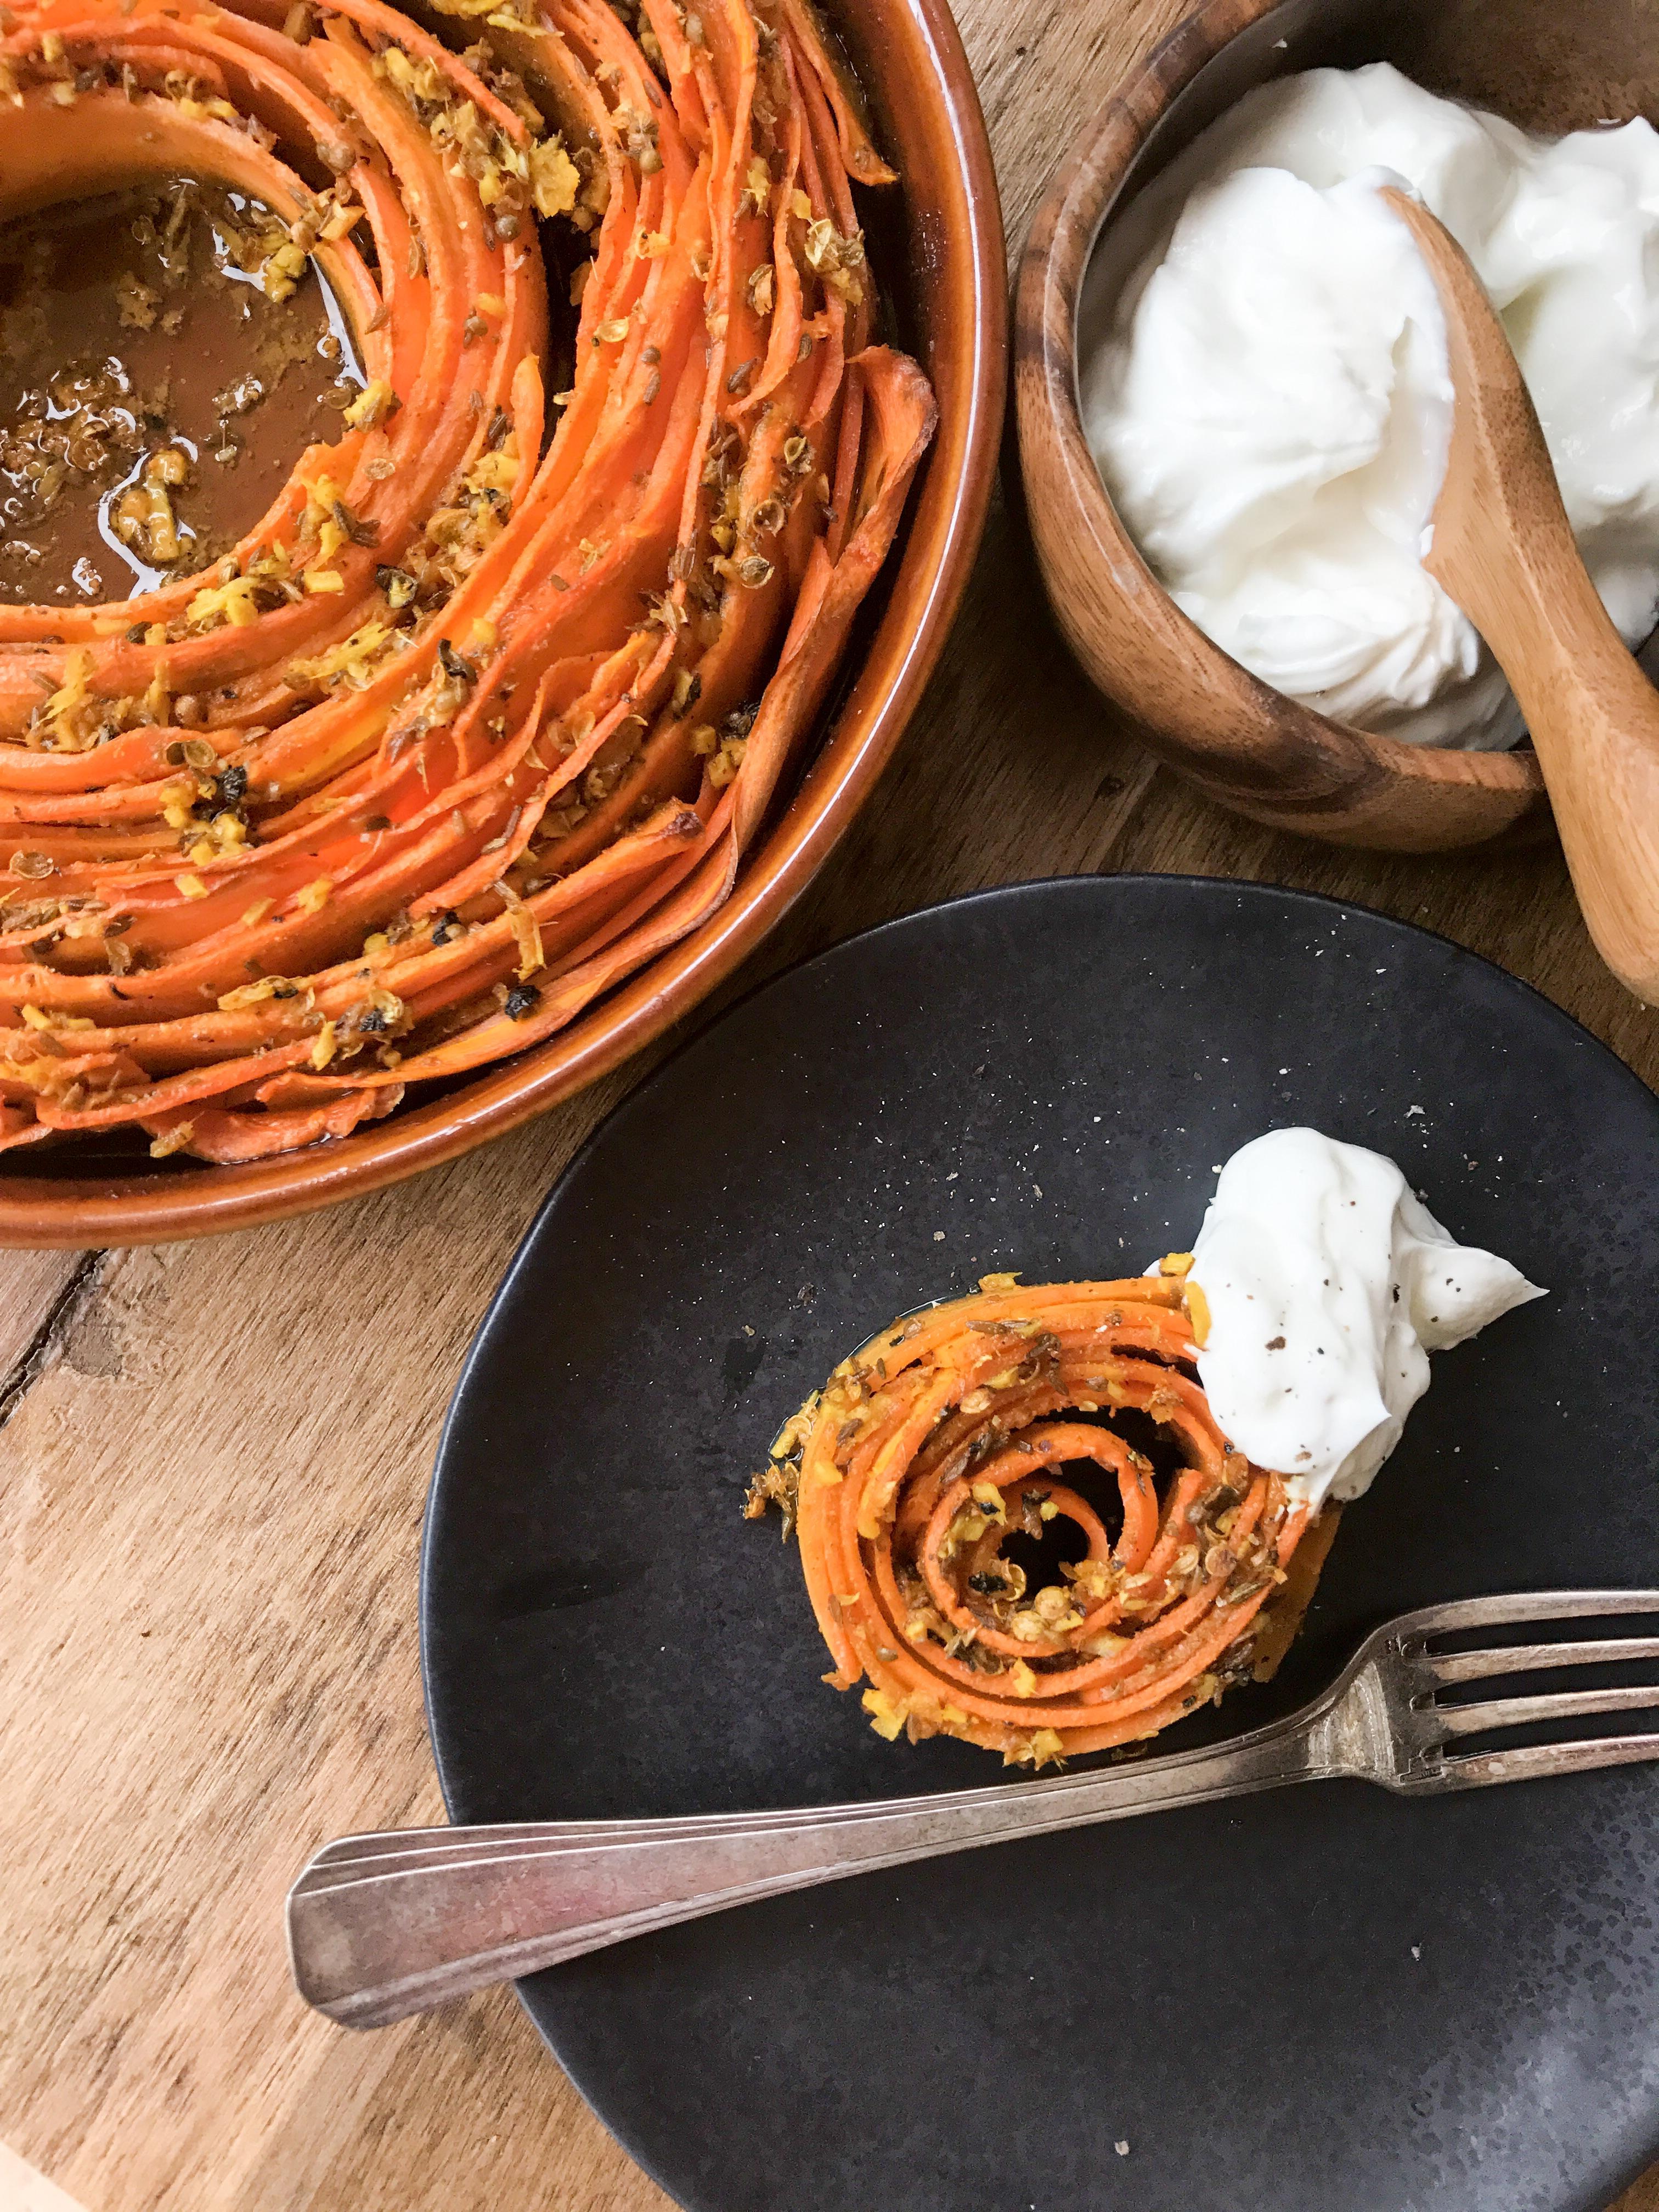 zanahorias asadas con especias